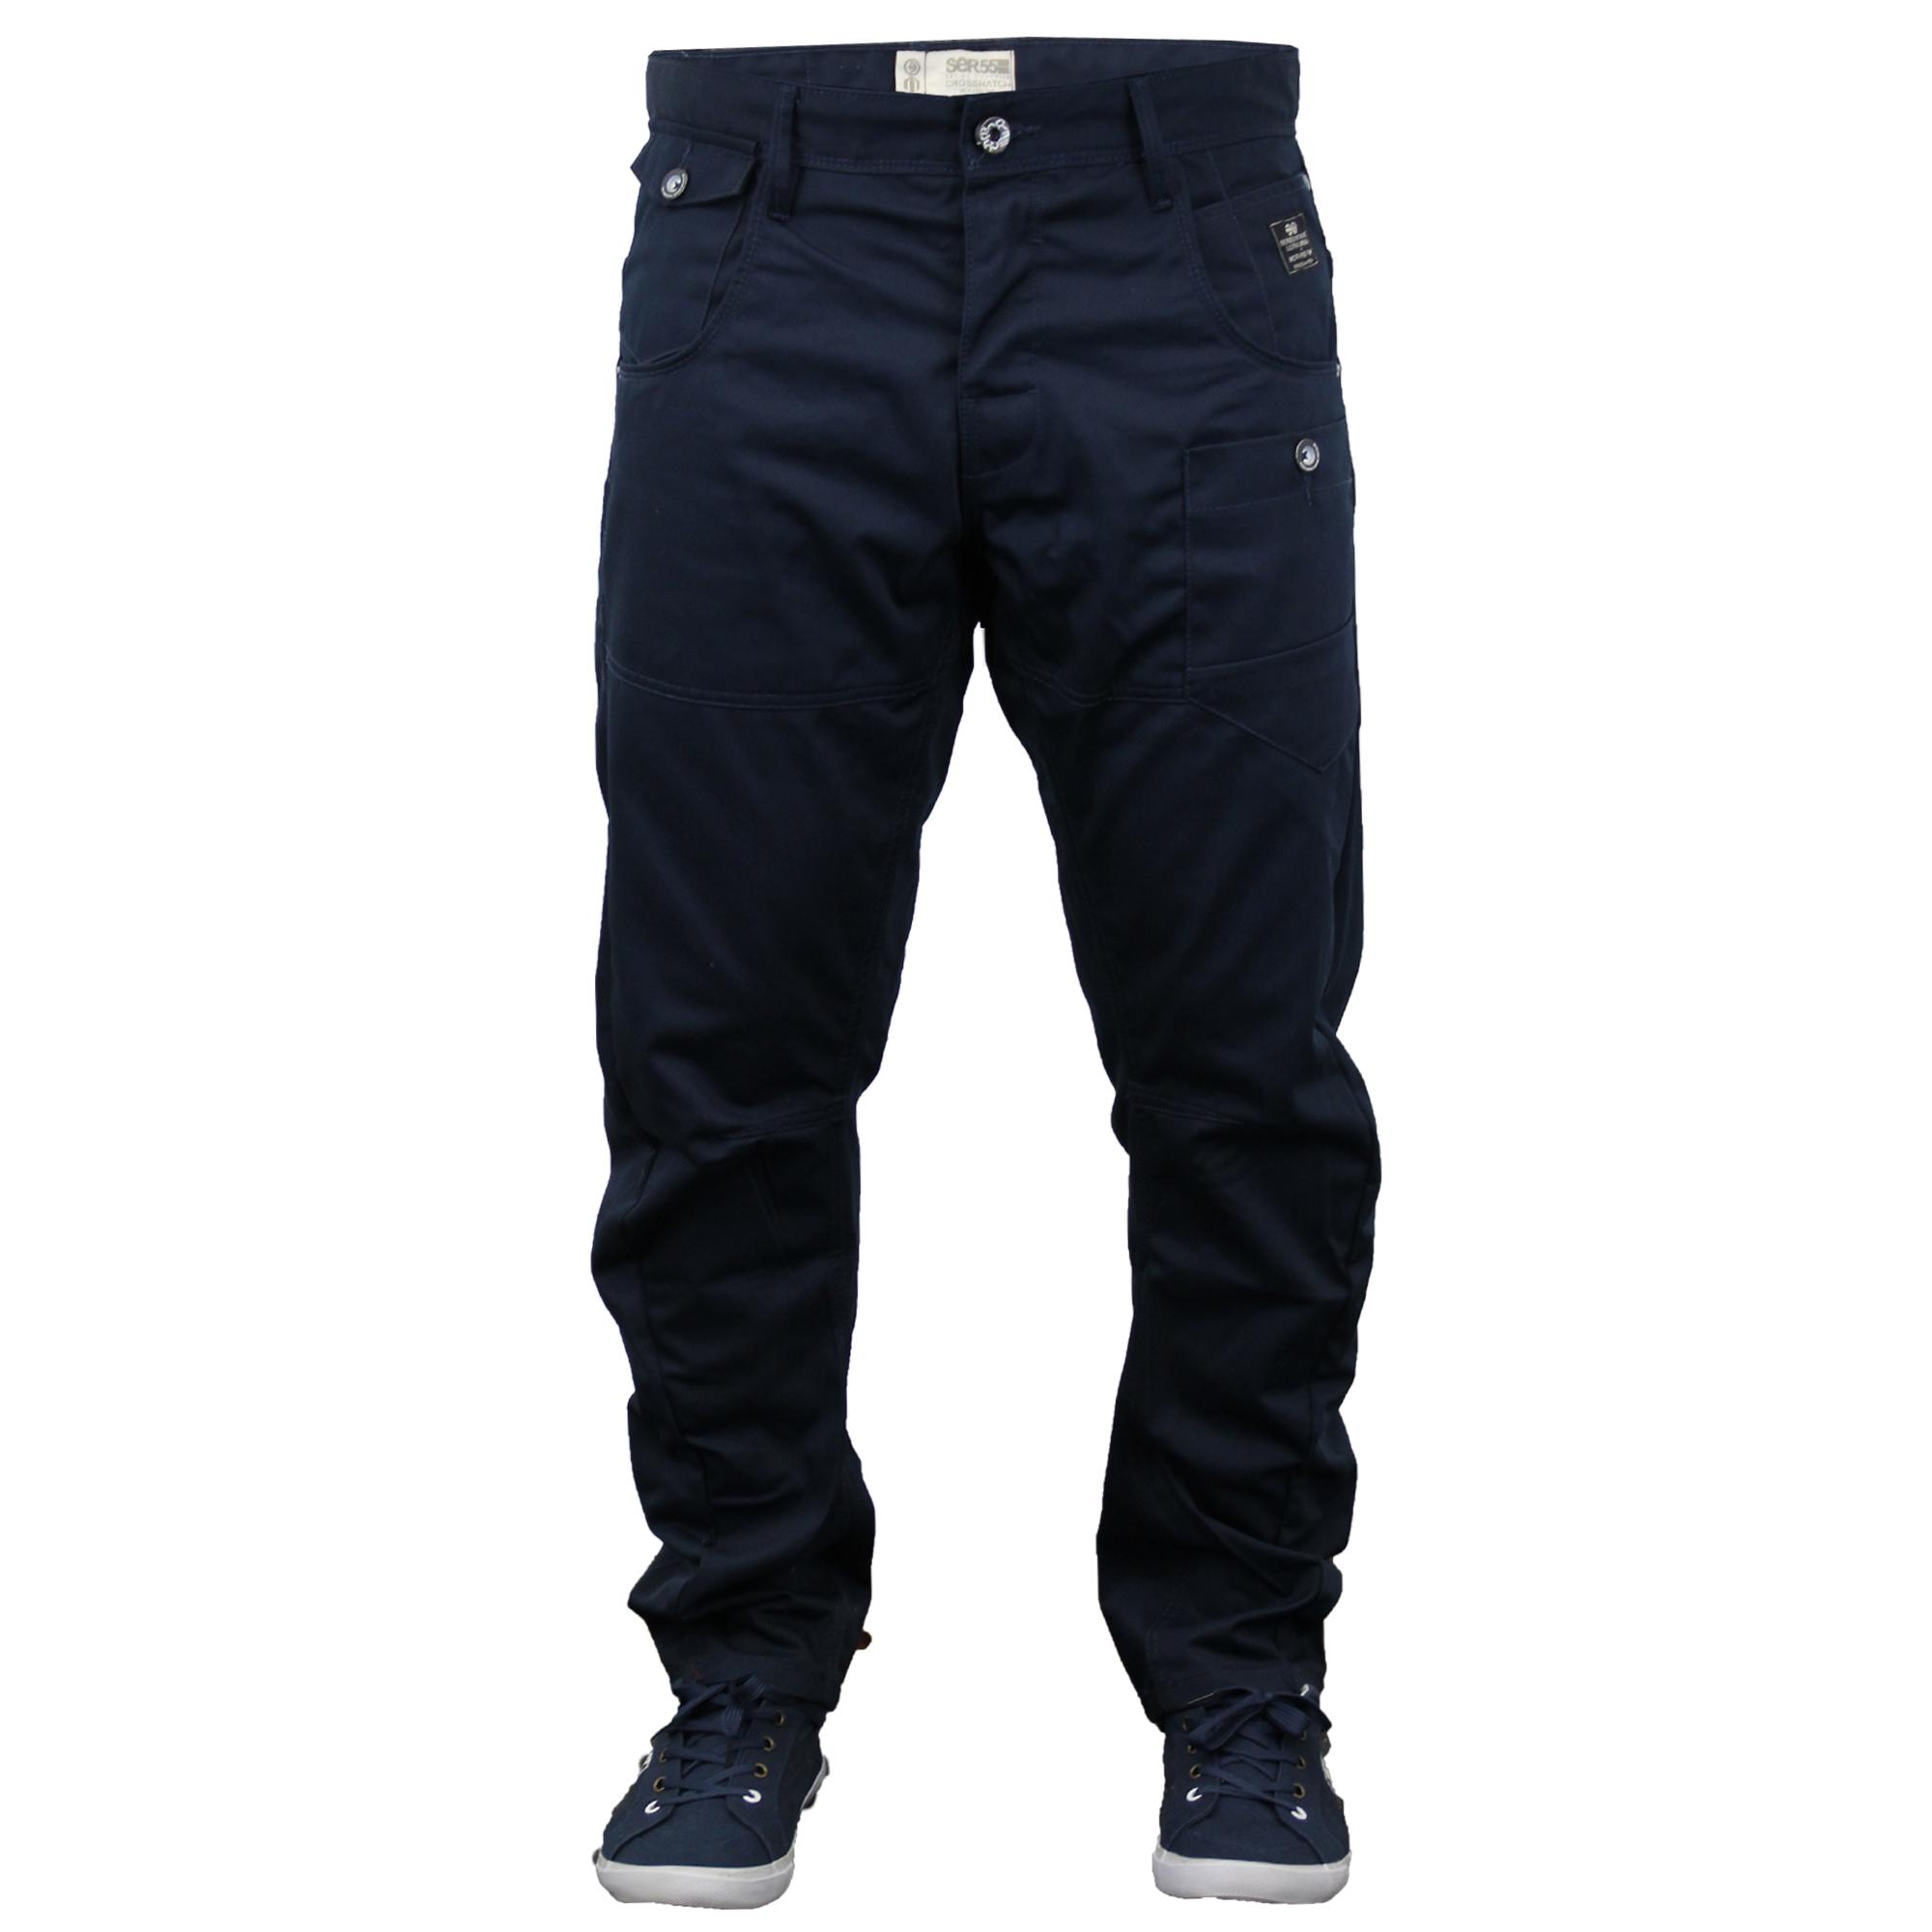 Crosshatch da Uomo Designer TWISTED LEG Regular Fit Tapered Pantaloni Chino Jeans NUOVO CON ETICHETTA